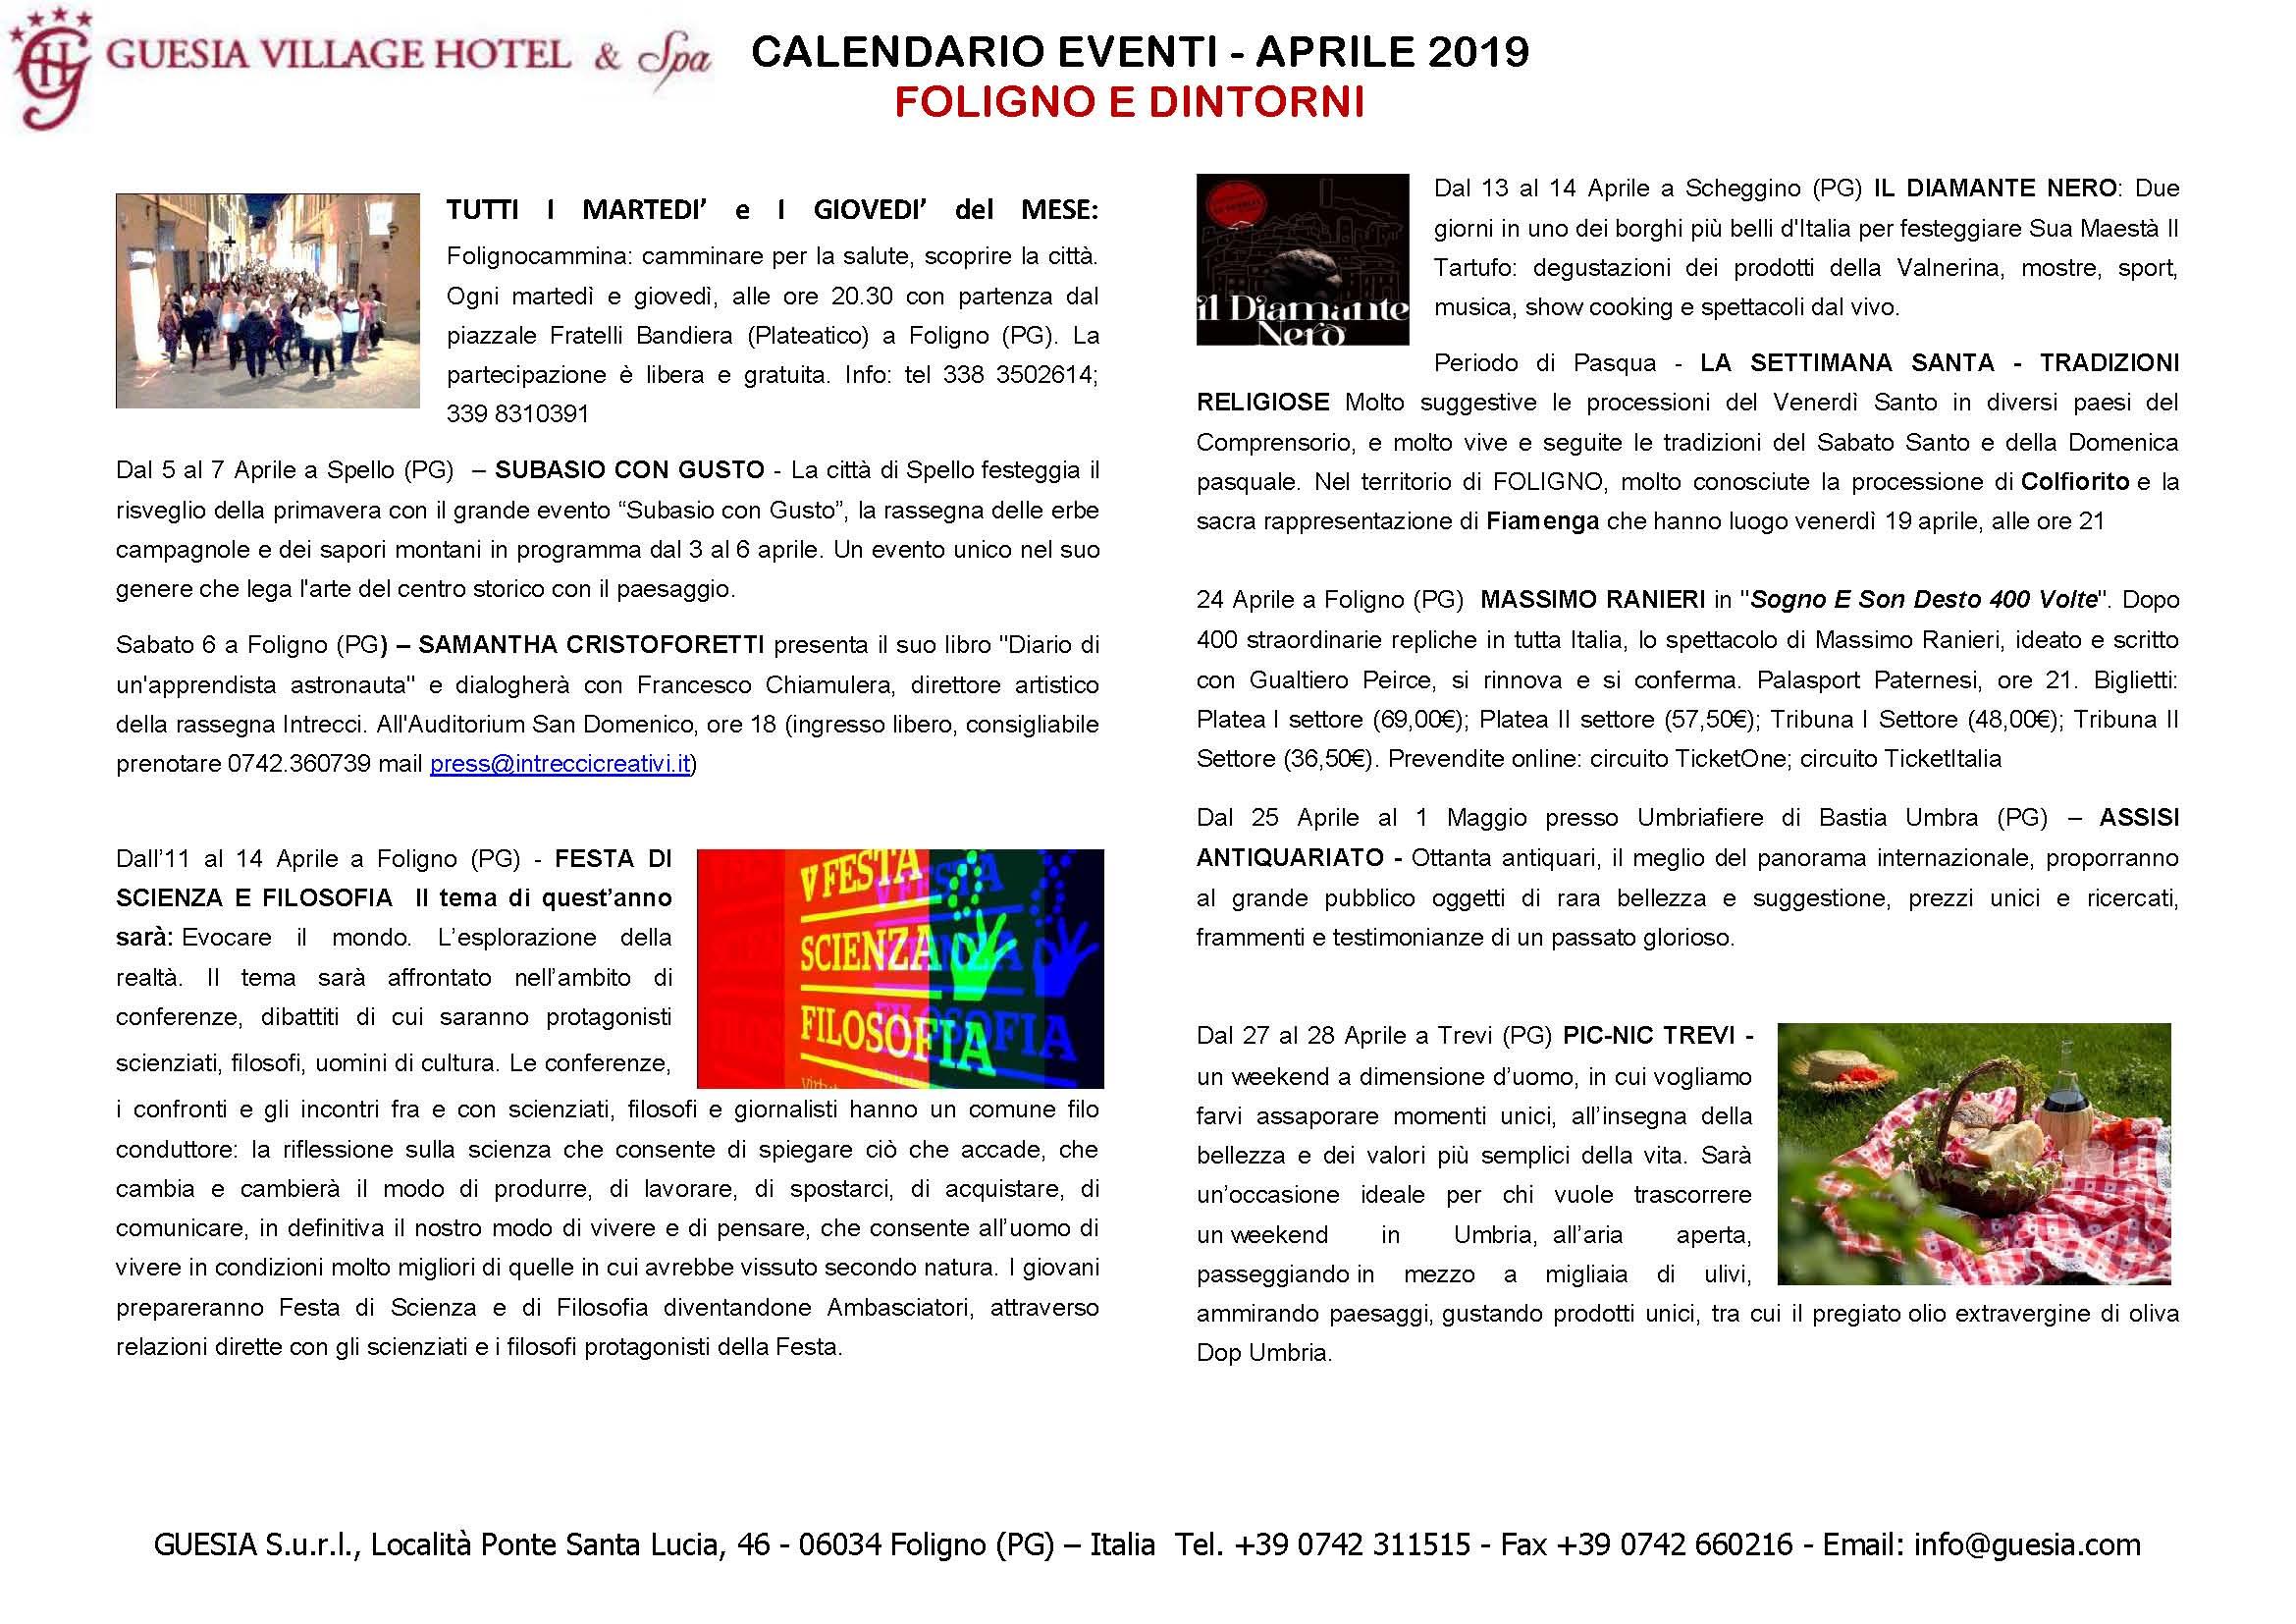 Grande Evento Calendario.Calendario Eventi Foligno Guesia Village Hotel Spa